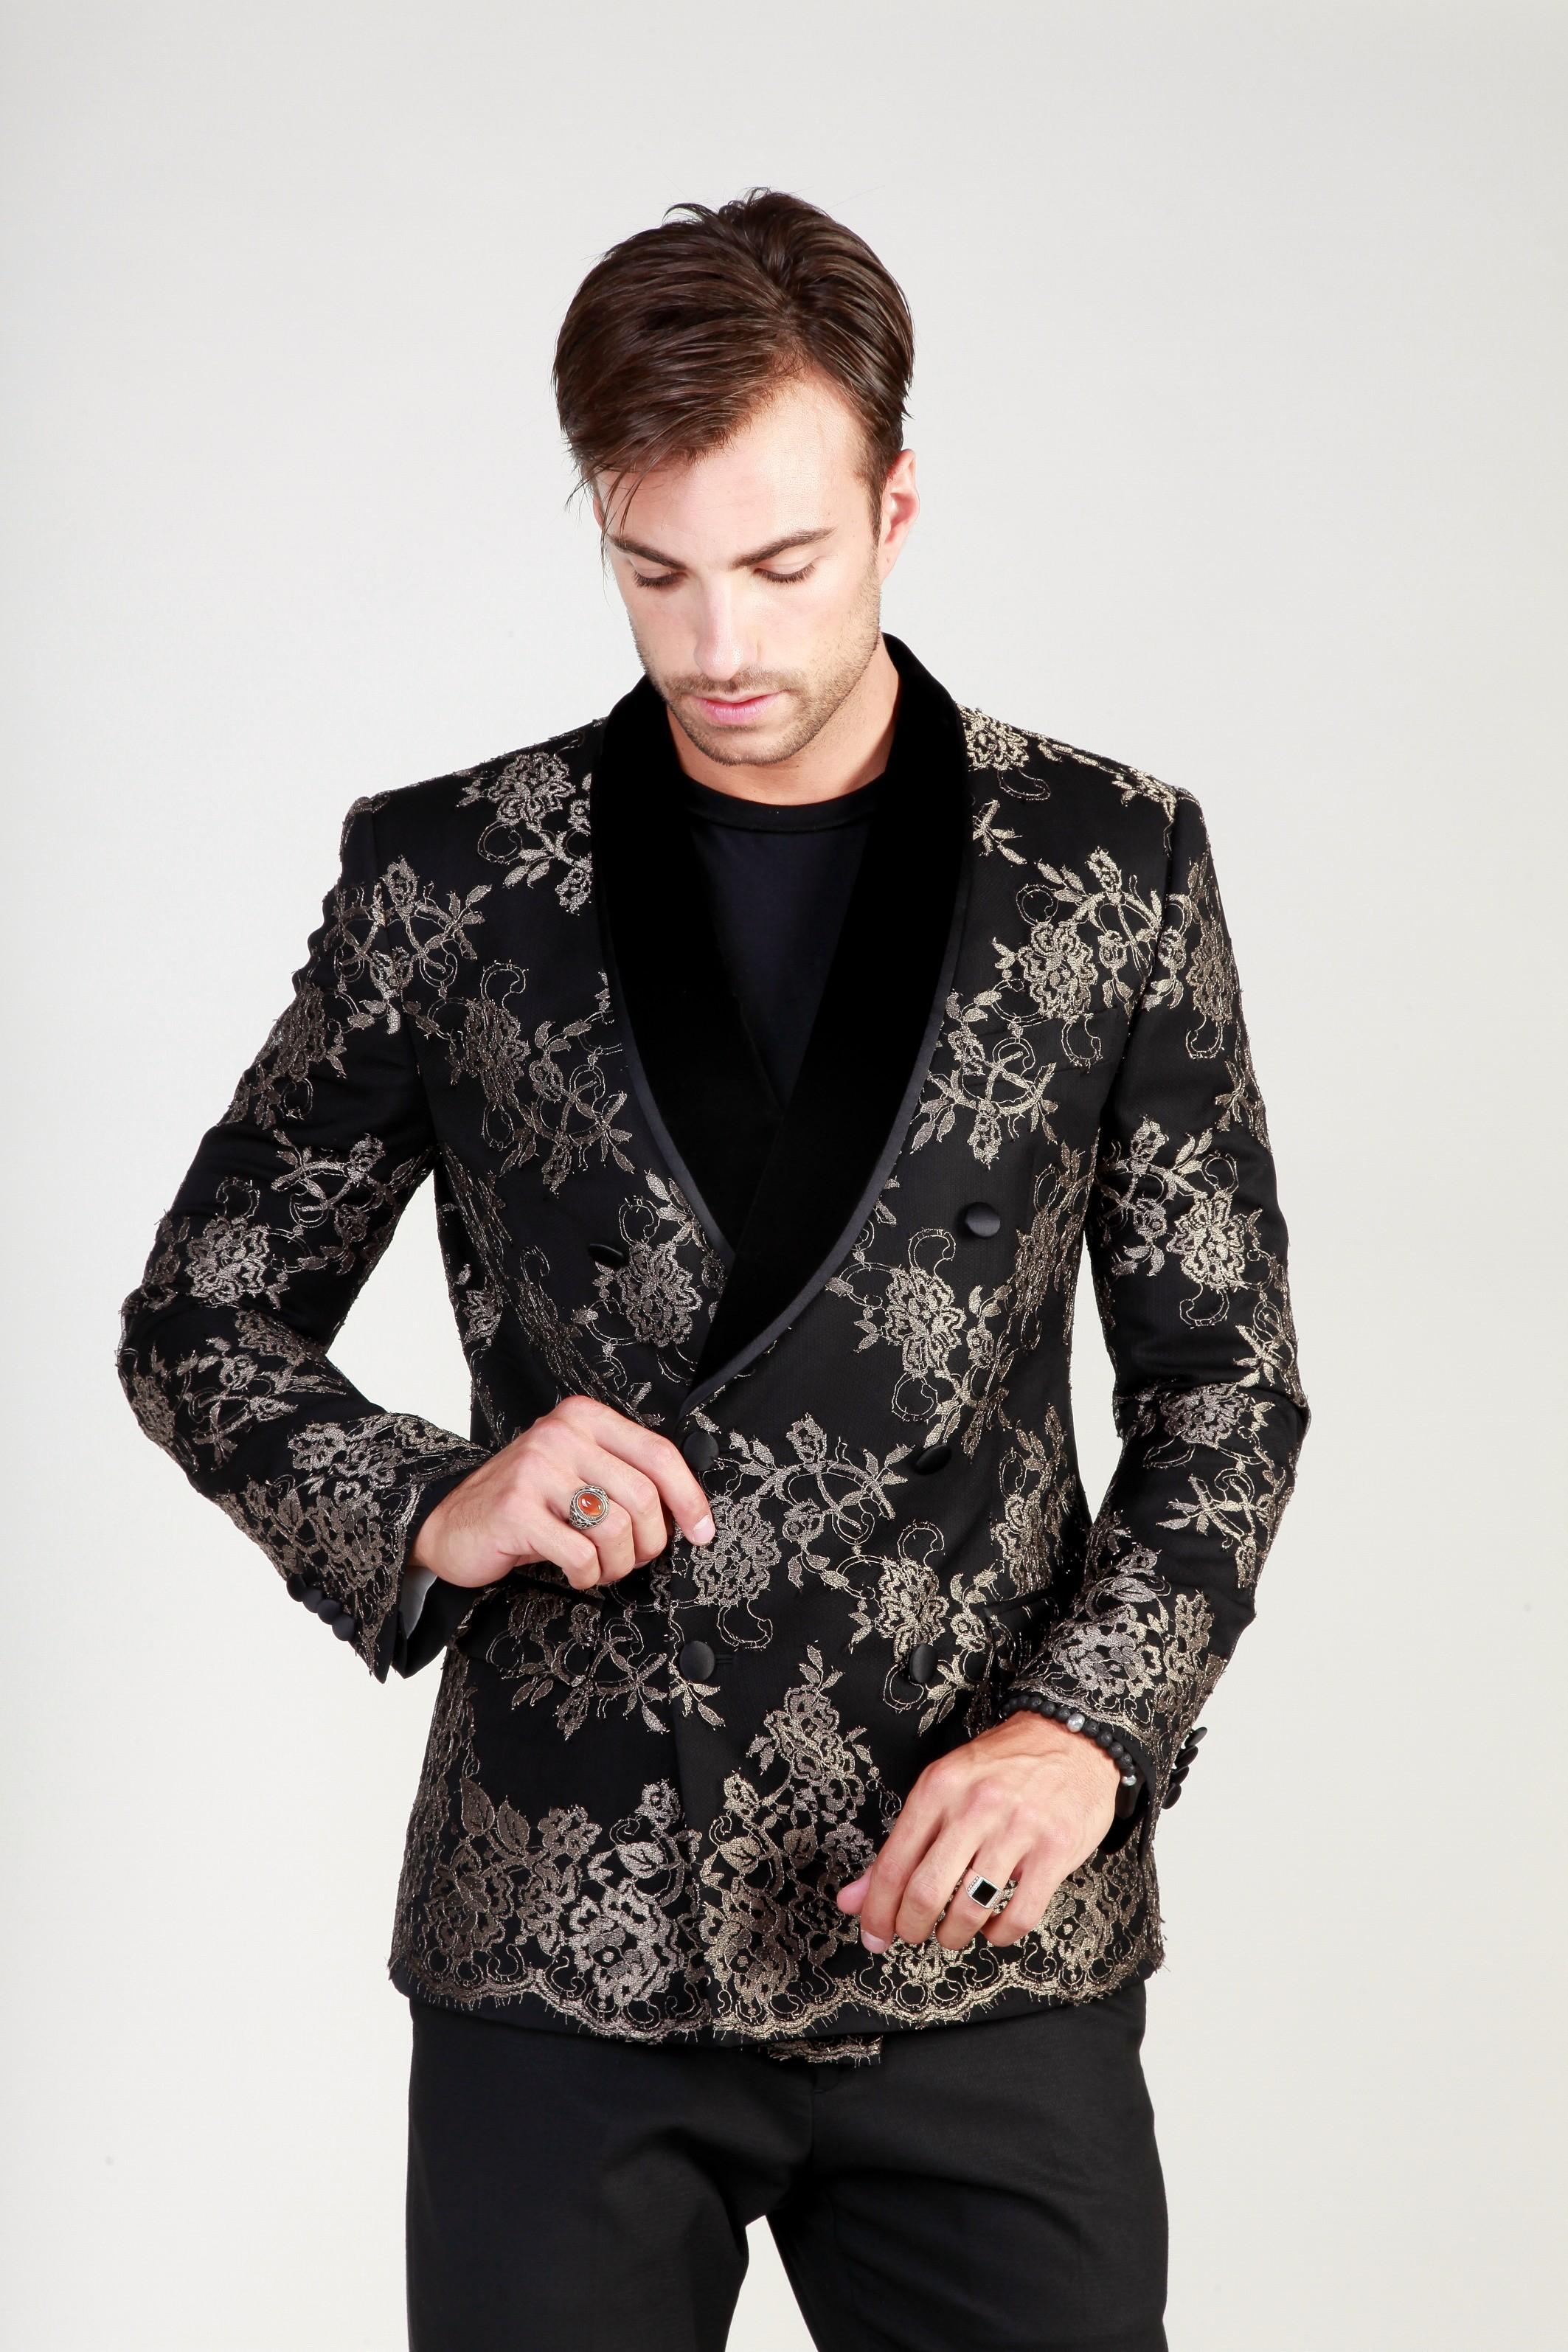 De G2hl9tge115n0000 Gabbana Veste Homme Costume Dolceamp; ZlOkTwPXui